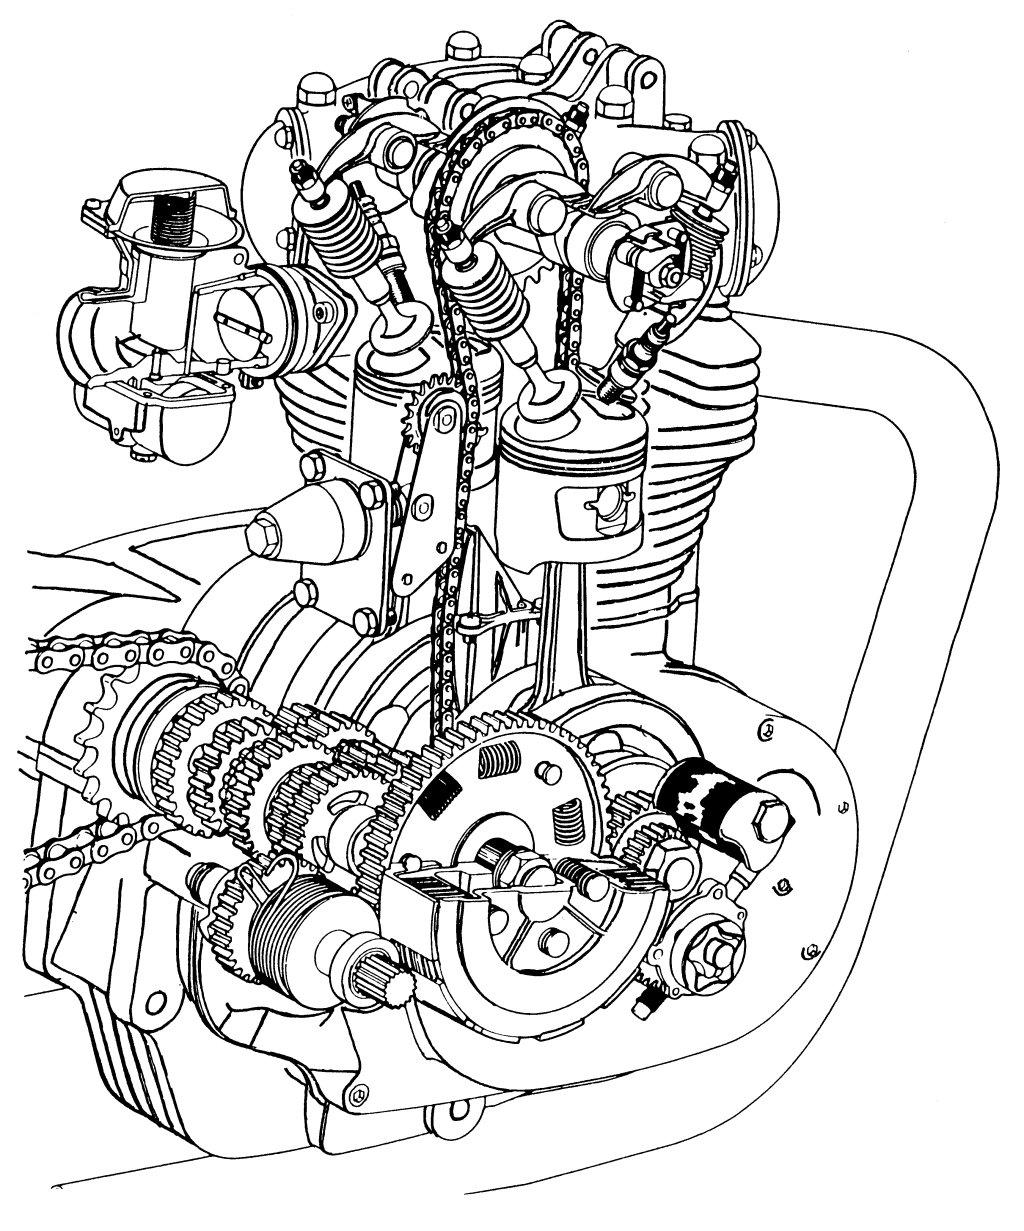 Xs Bobber Wiring Diagram